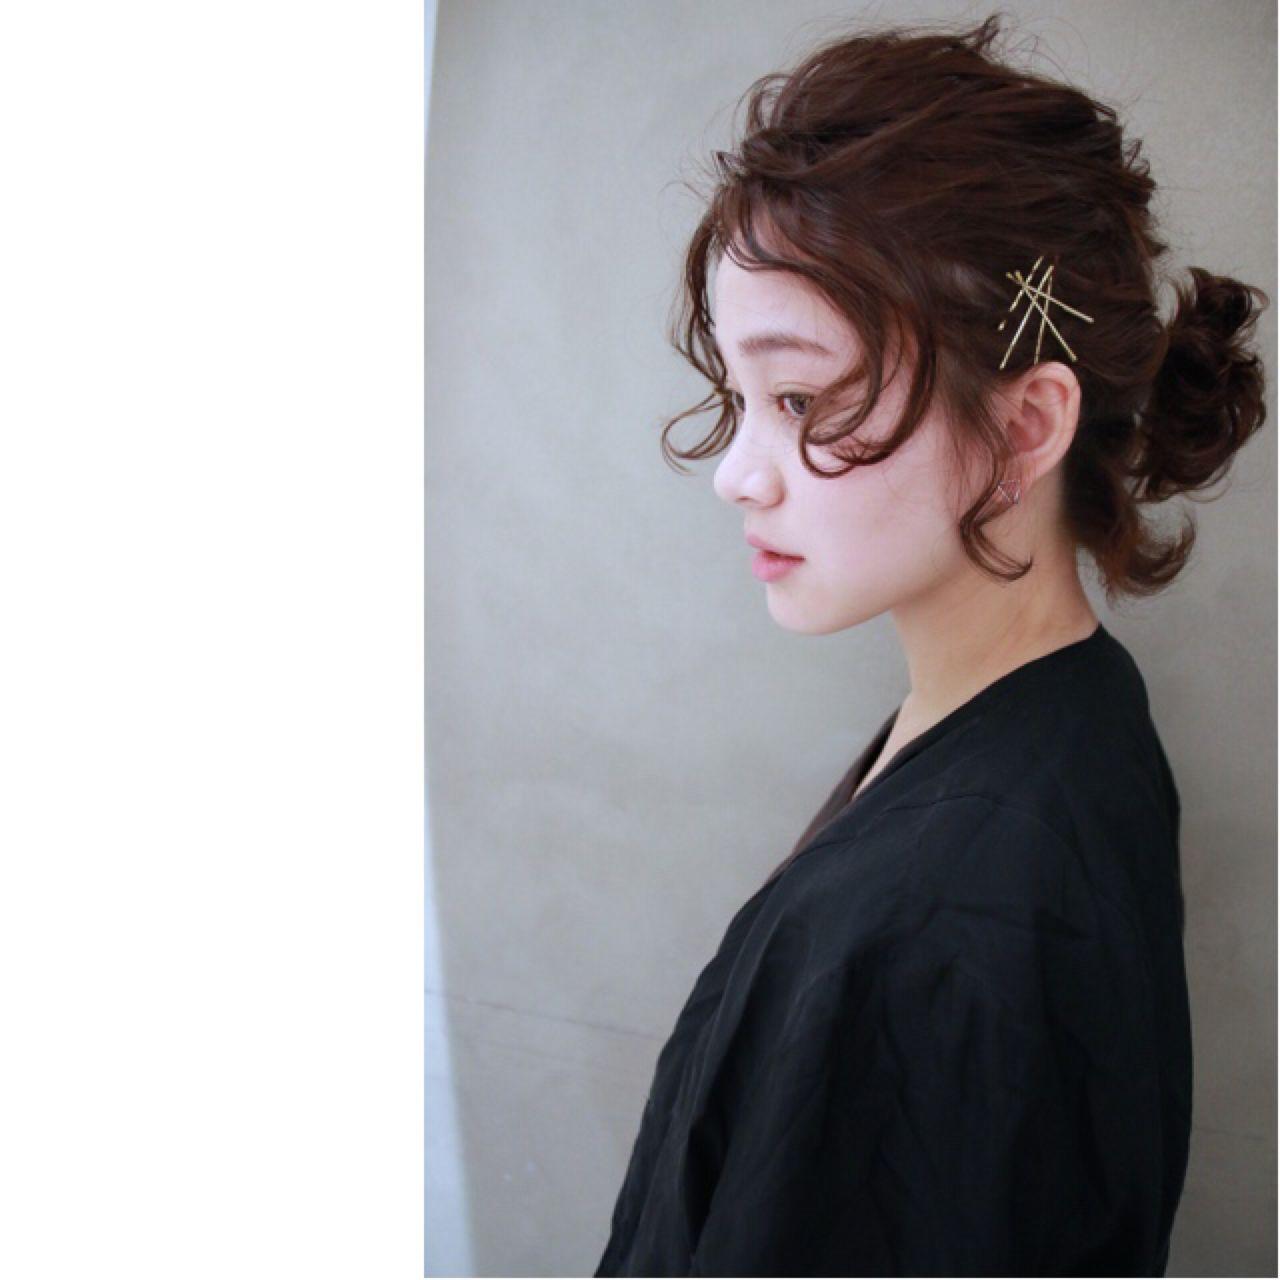 ヘアアレンジ ボブ ナチュラル ウェーブ ヘアスタイルや髪型の写真・画像 | 津崎 伸二 / nanuk / nanuk渋谷店(ナヌーク)